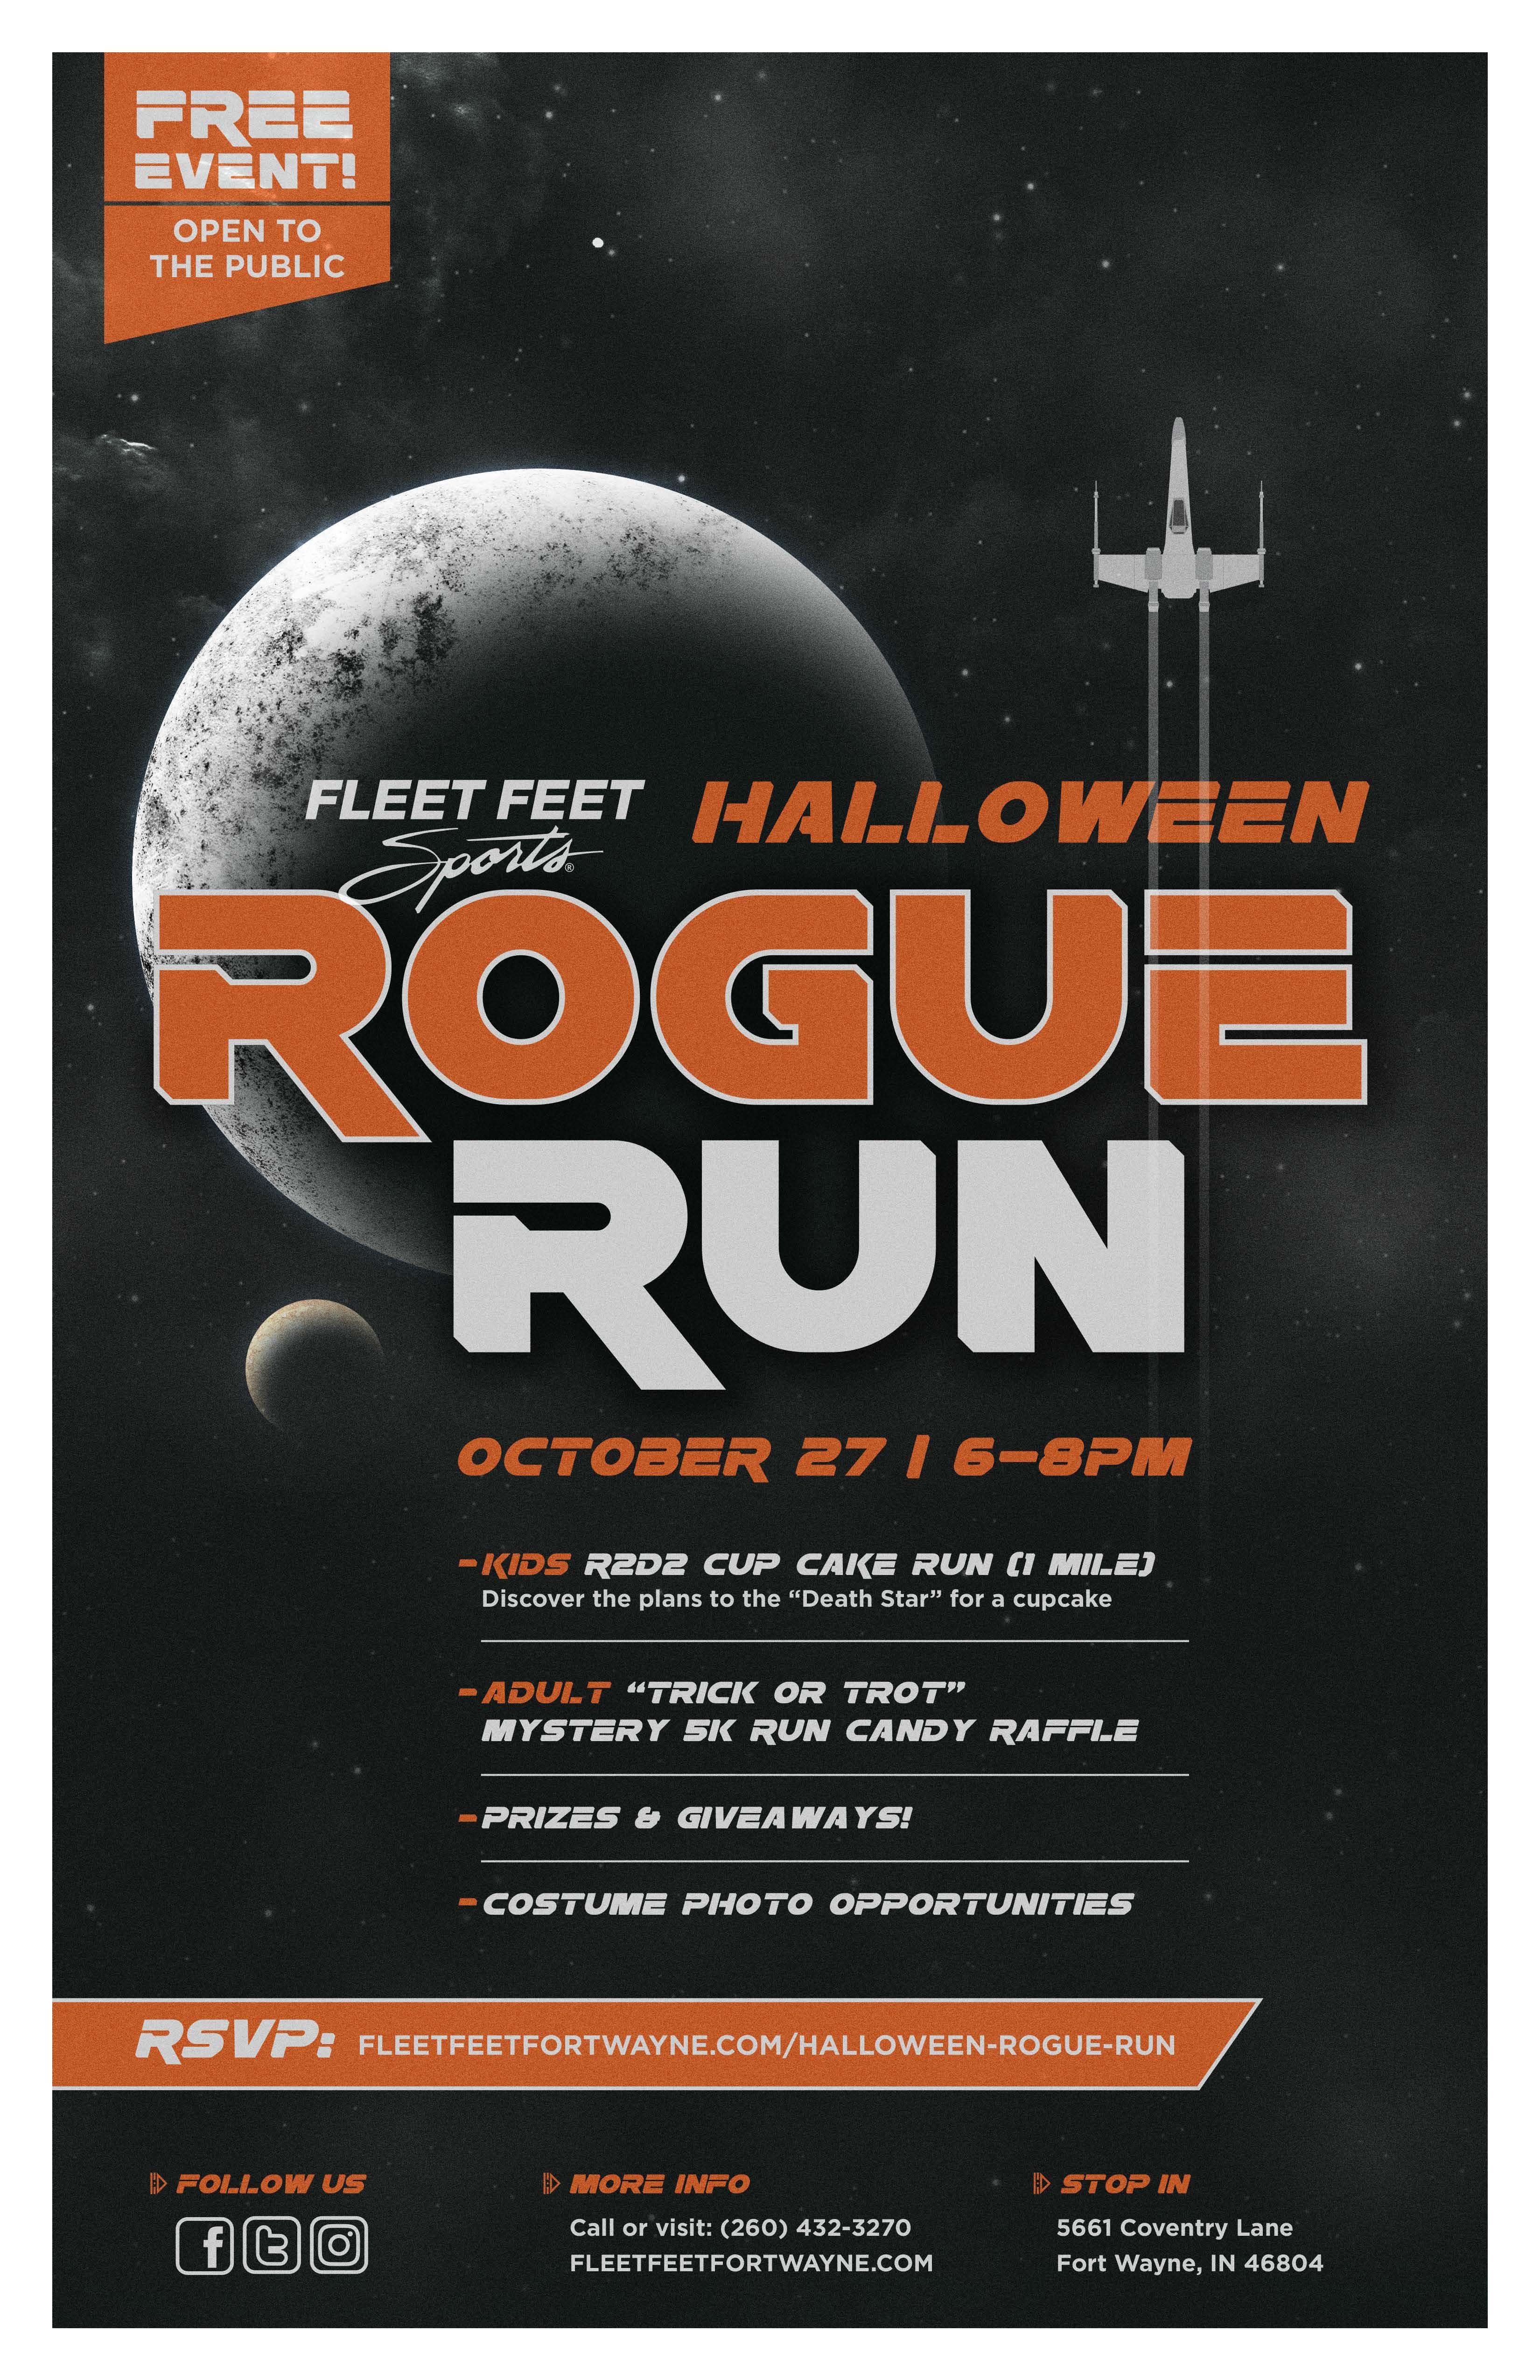 Fleet Feet Sports Fort Wayne Rogue Run Halloween Fun Run Poster